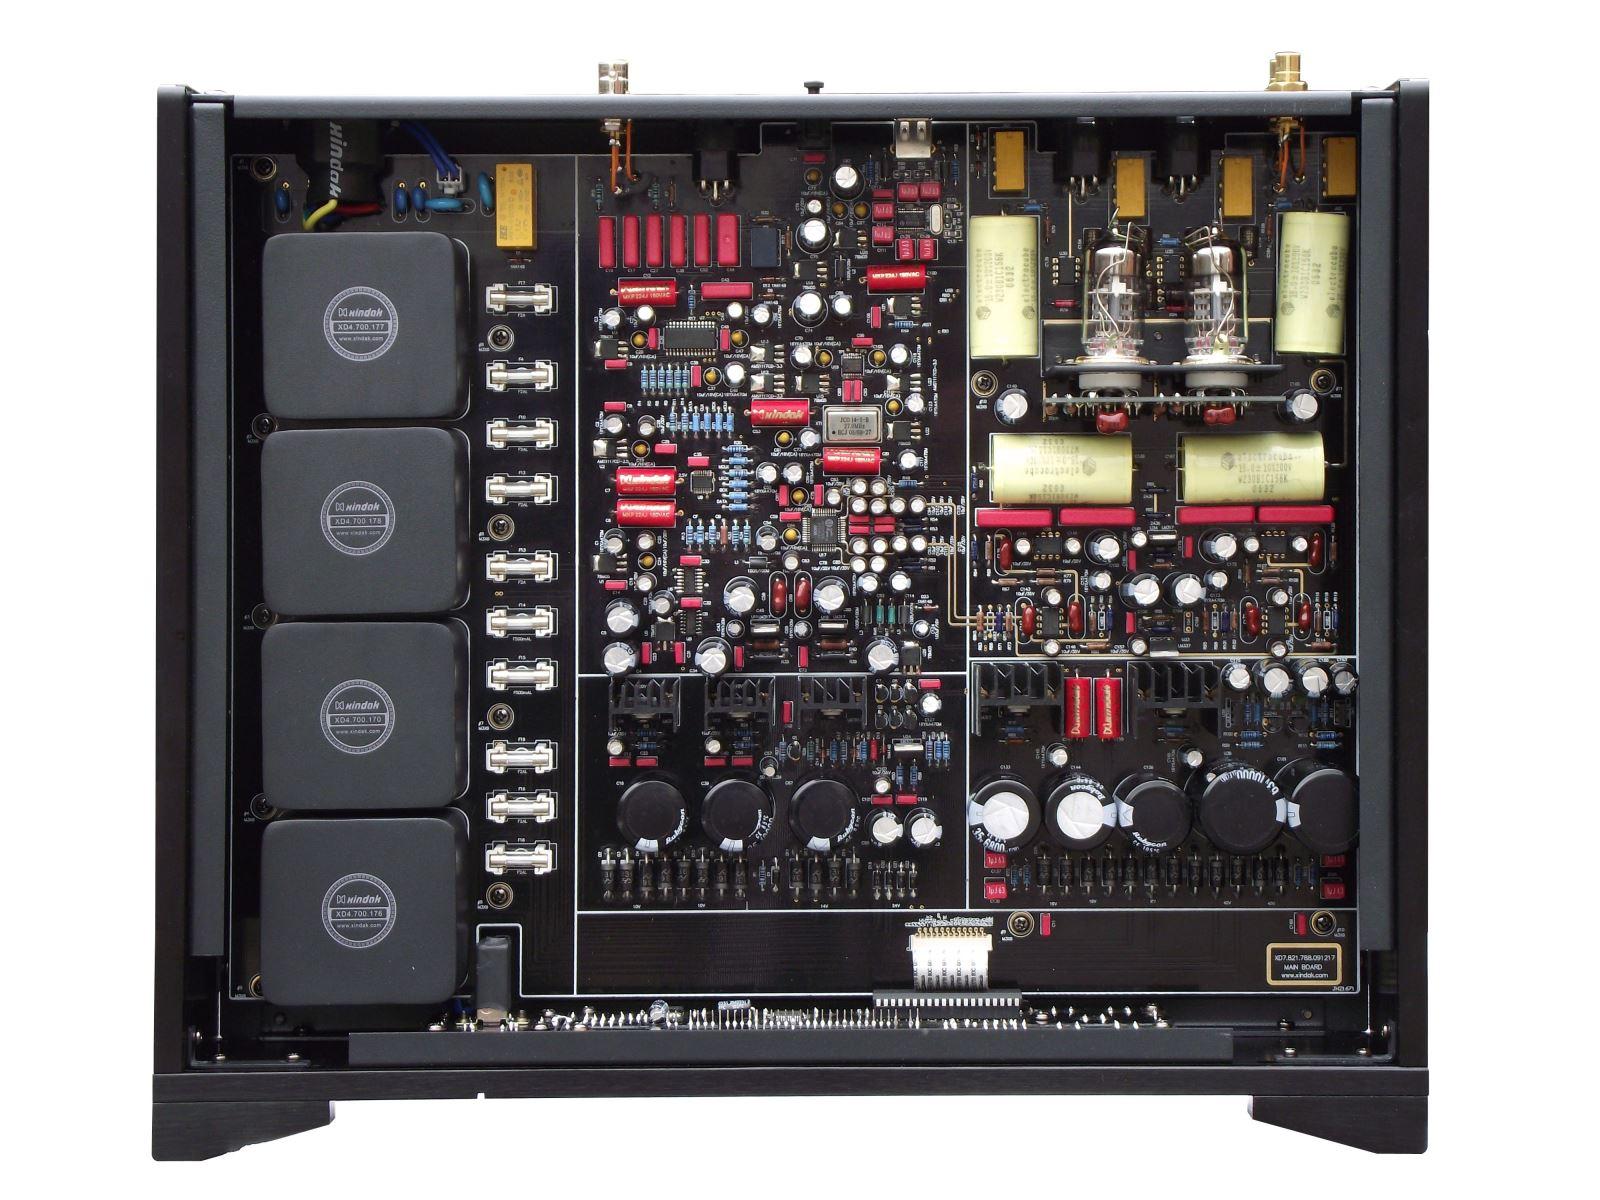 20 周年纪念版产品 dac 解码器